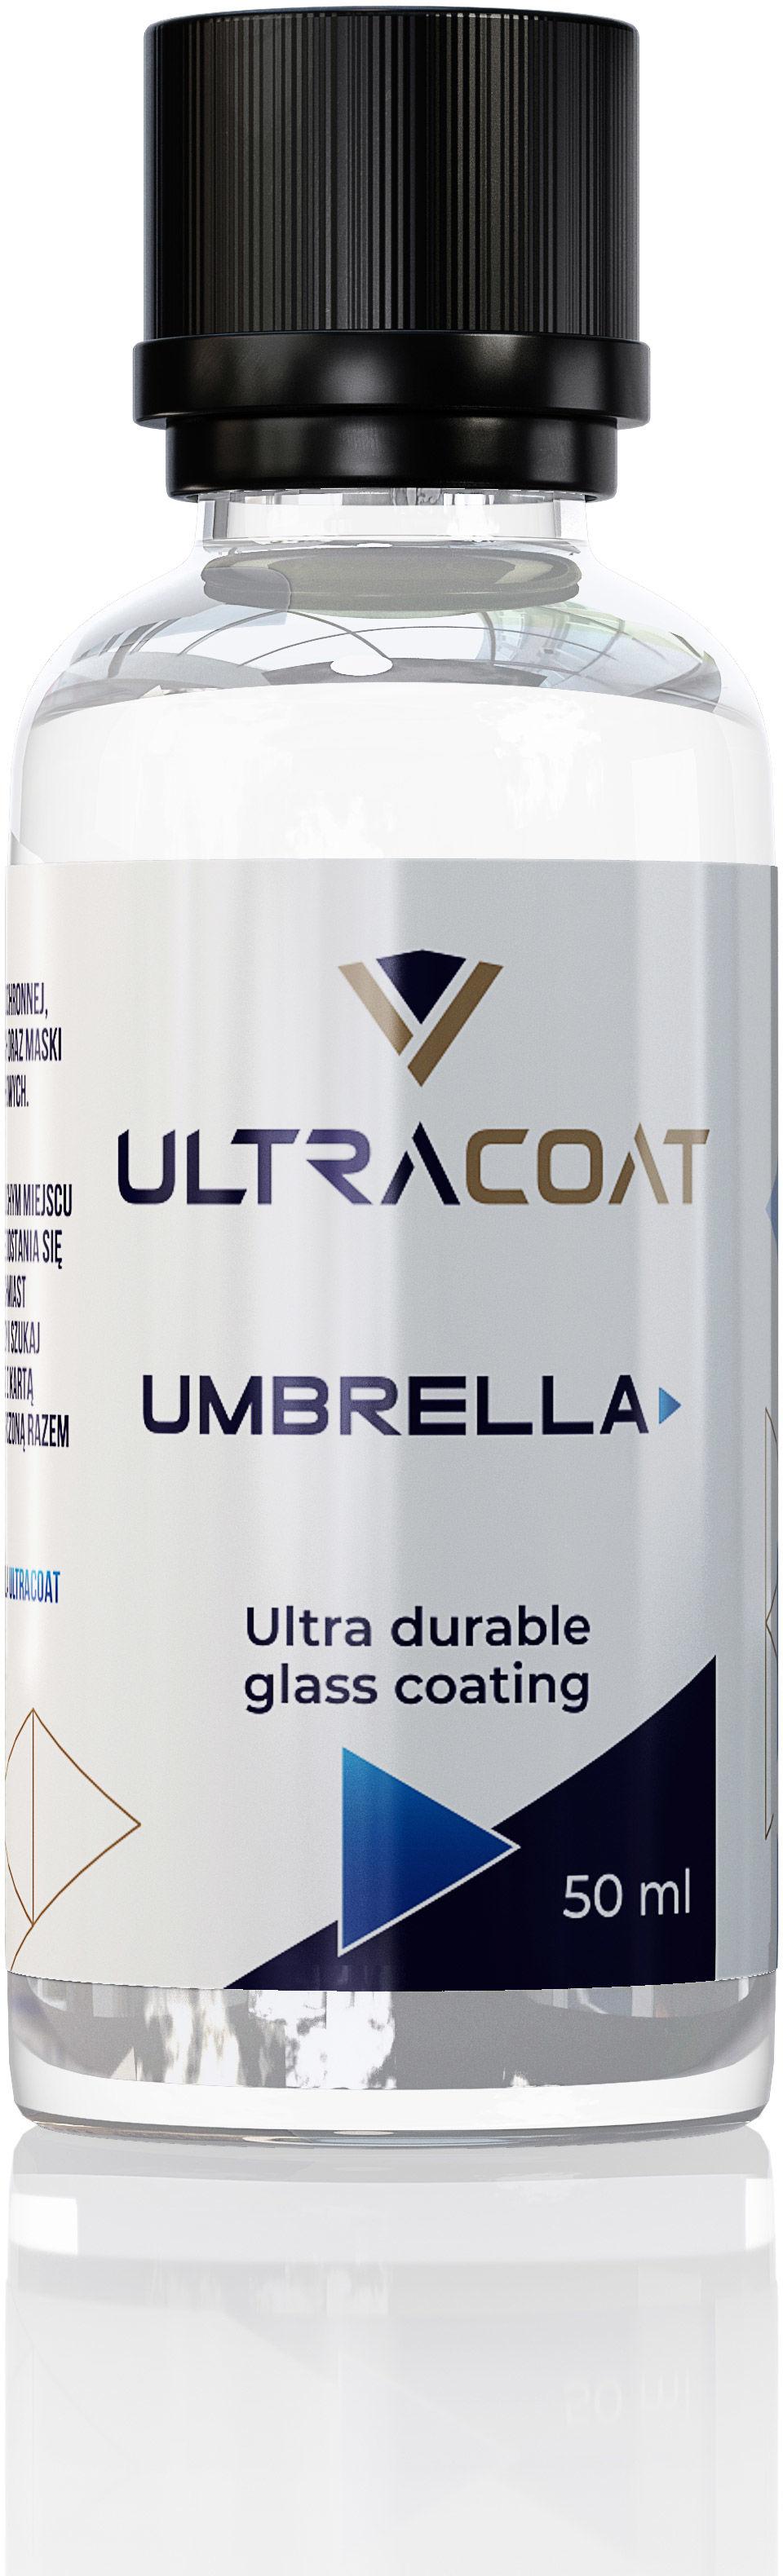 Ultracoat Umbrella  prosta w aplikacji niewidzialna wycieraczka, powłoka hydrofobowa 50ml